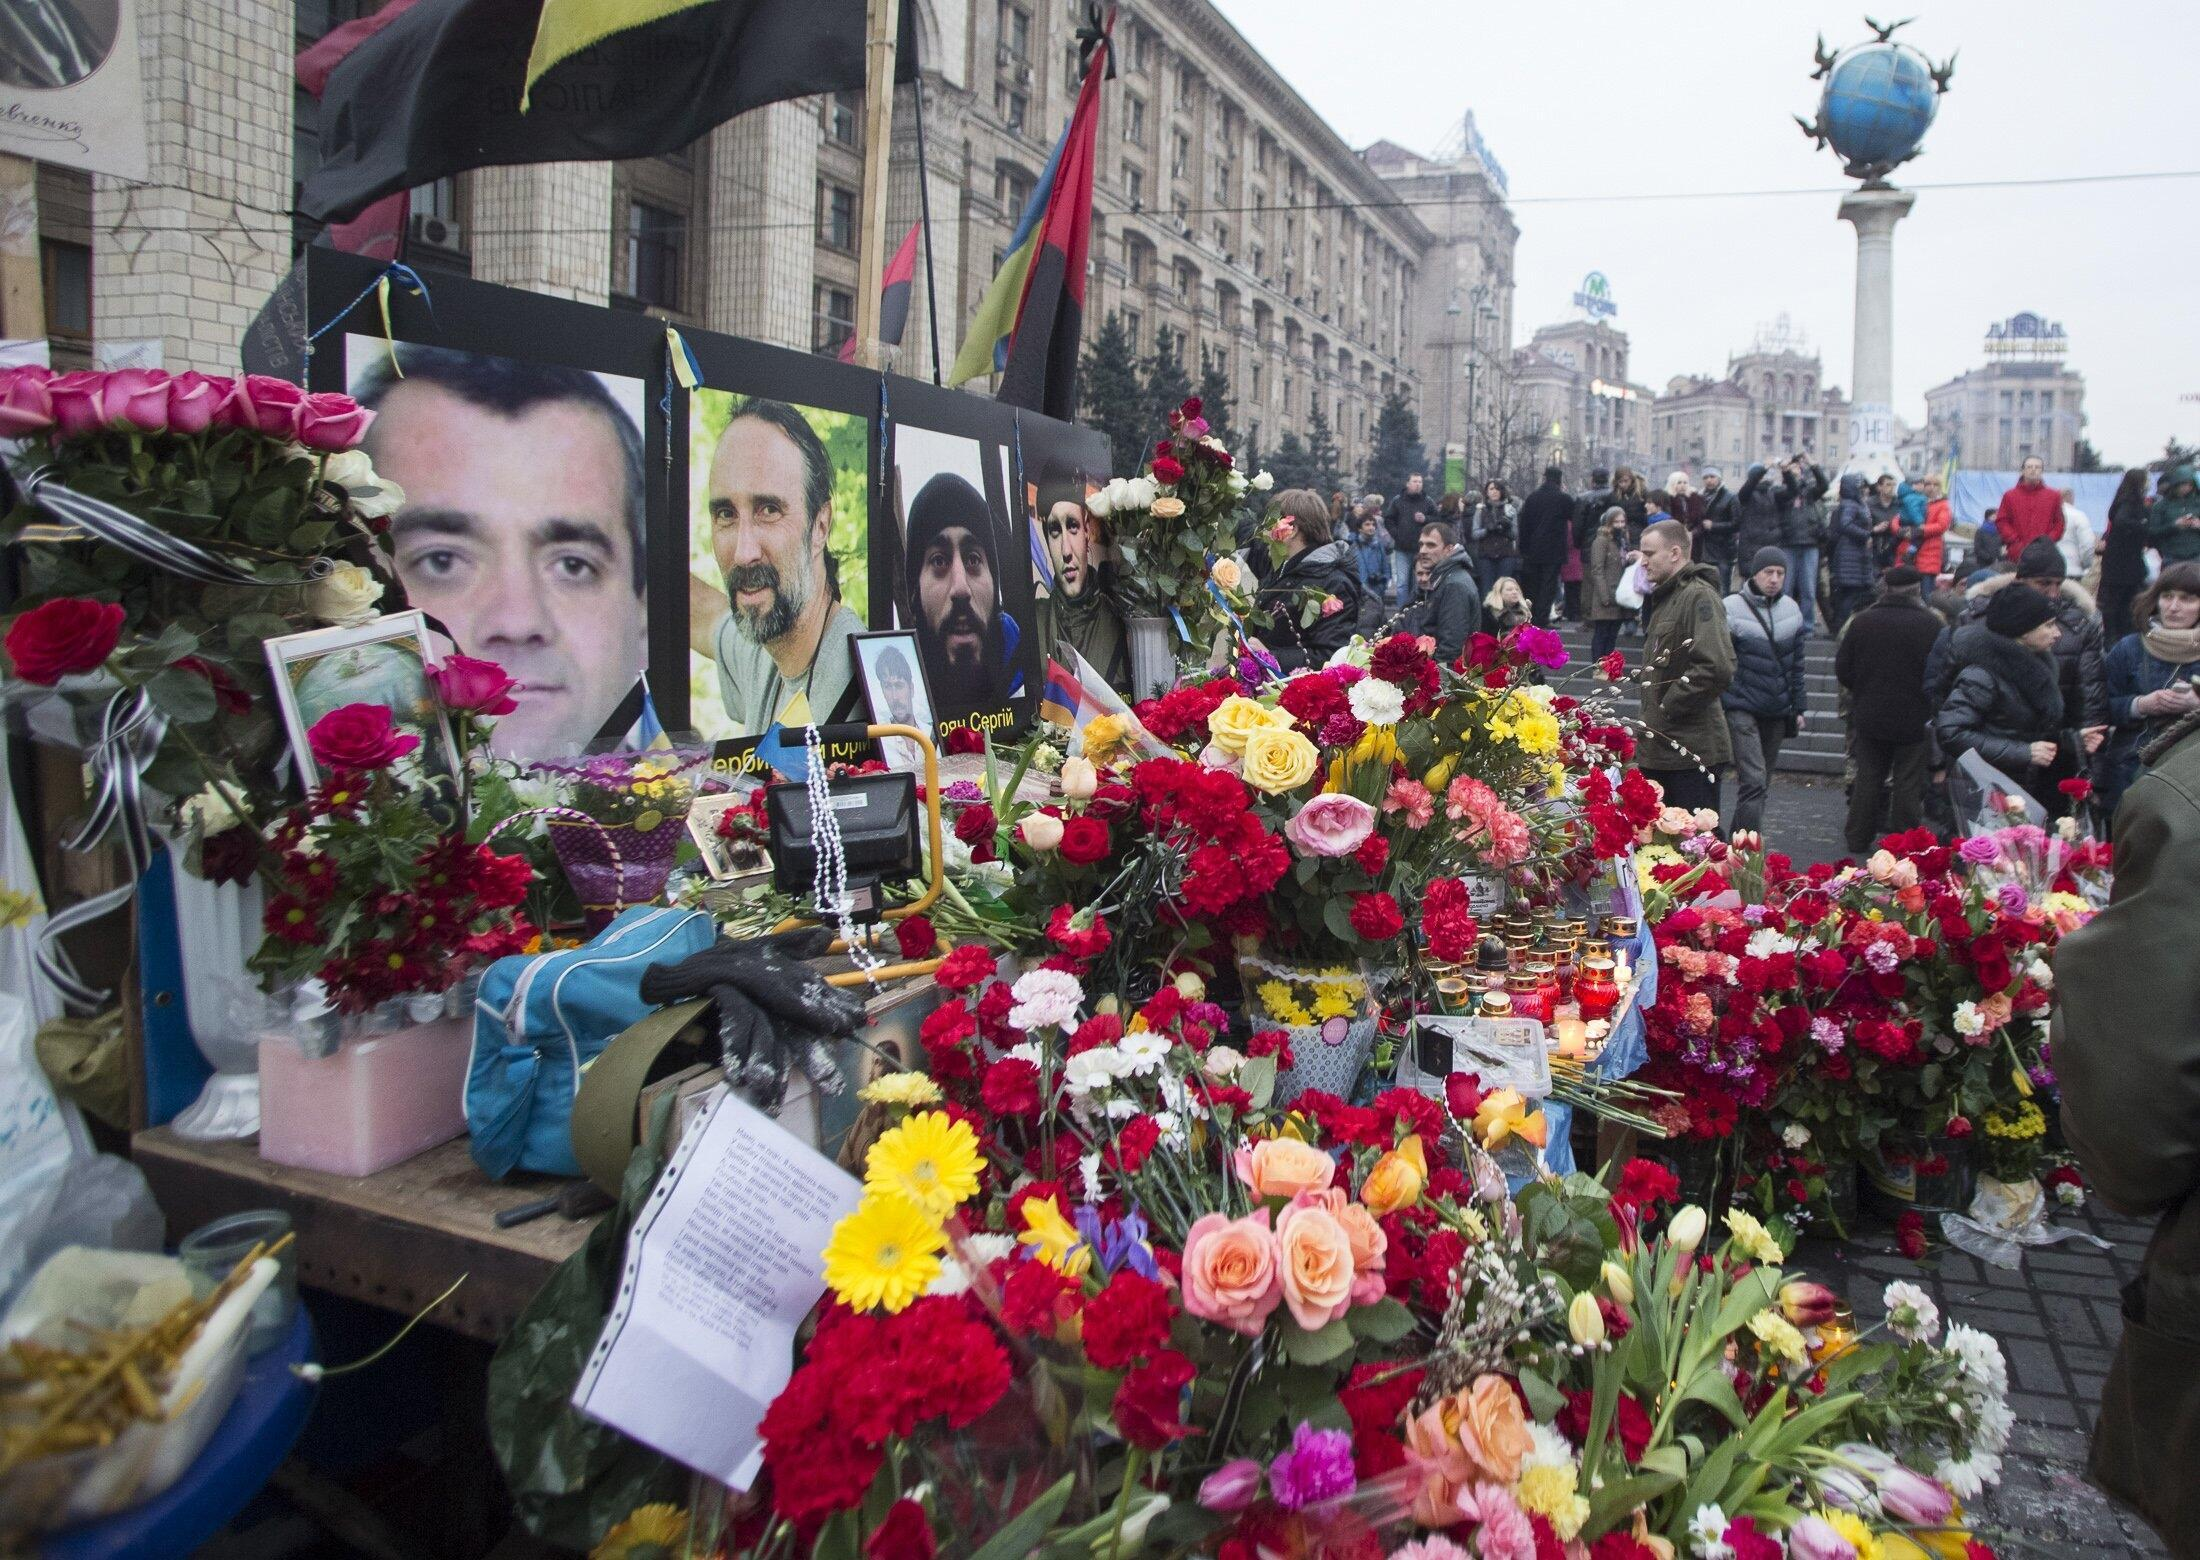 2014年2月23日,乌克兰民众在基辅市中心献花,悼念这场革命中的死难者。